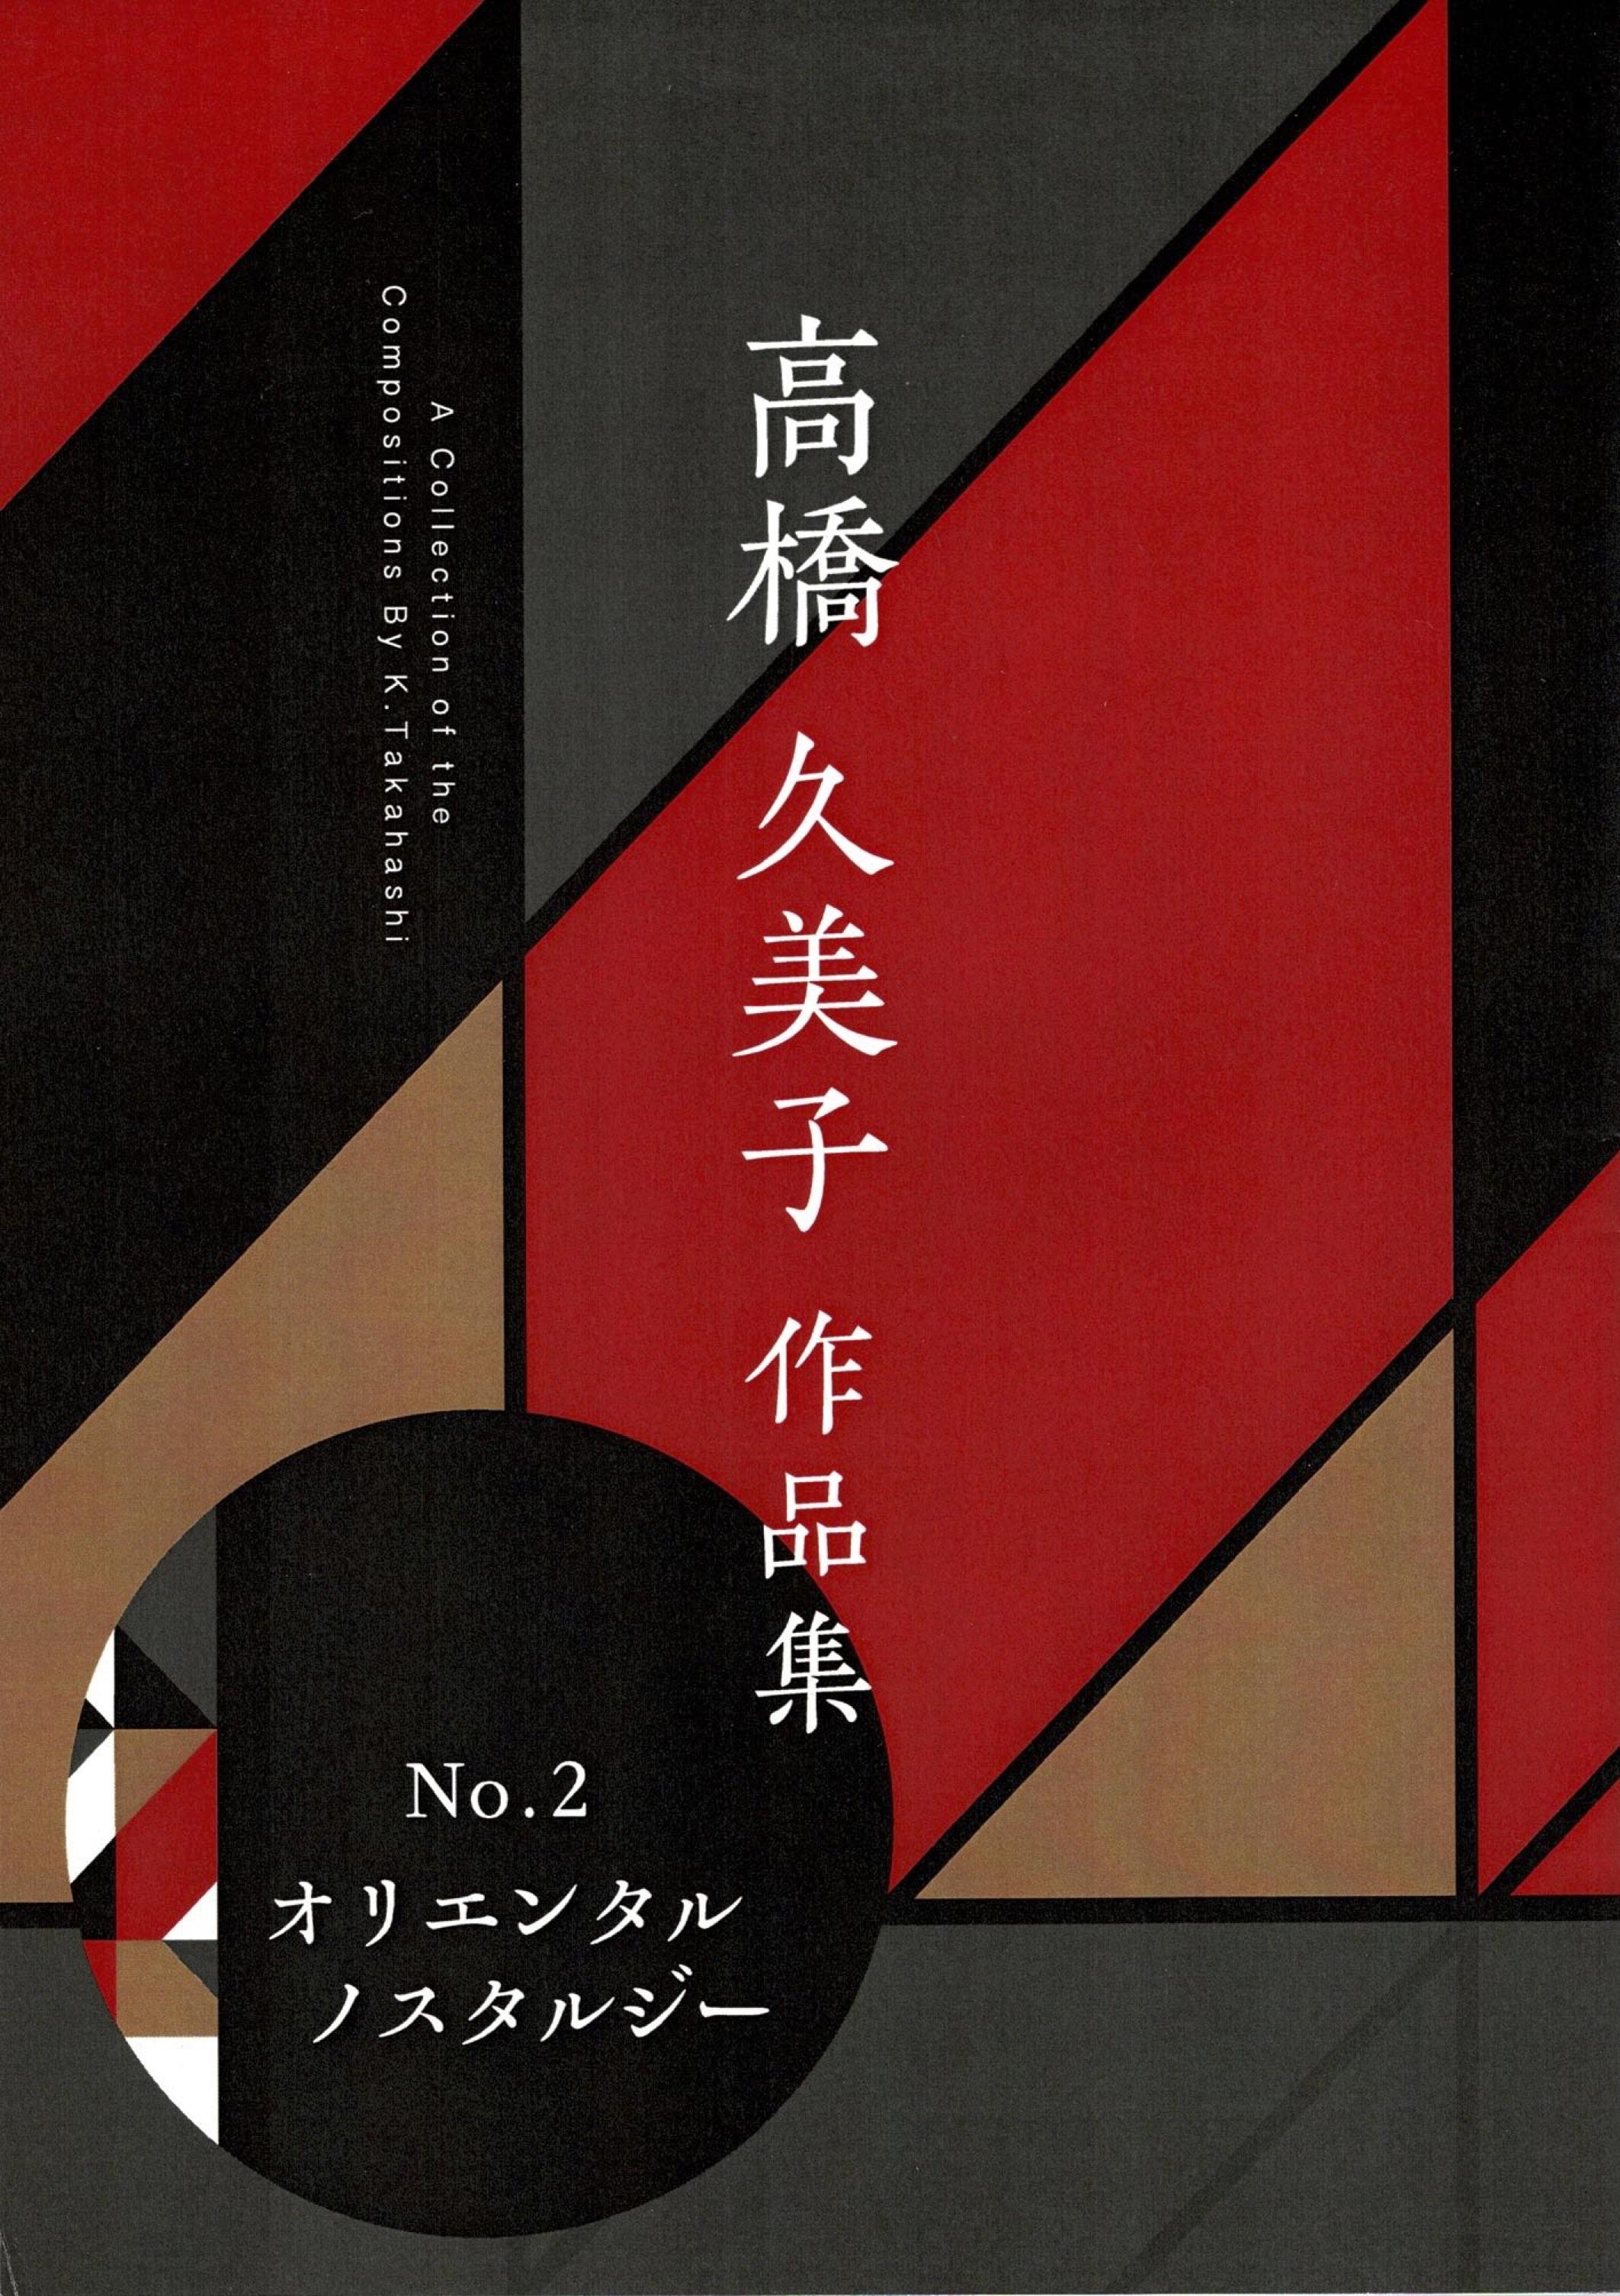 【楽譜】オリエンタル ノスタルジー 箏・三絃譜(B5判)